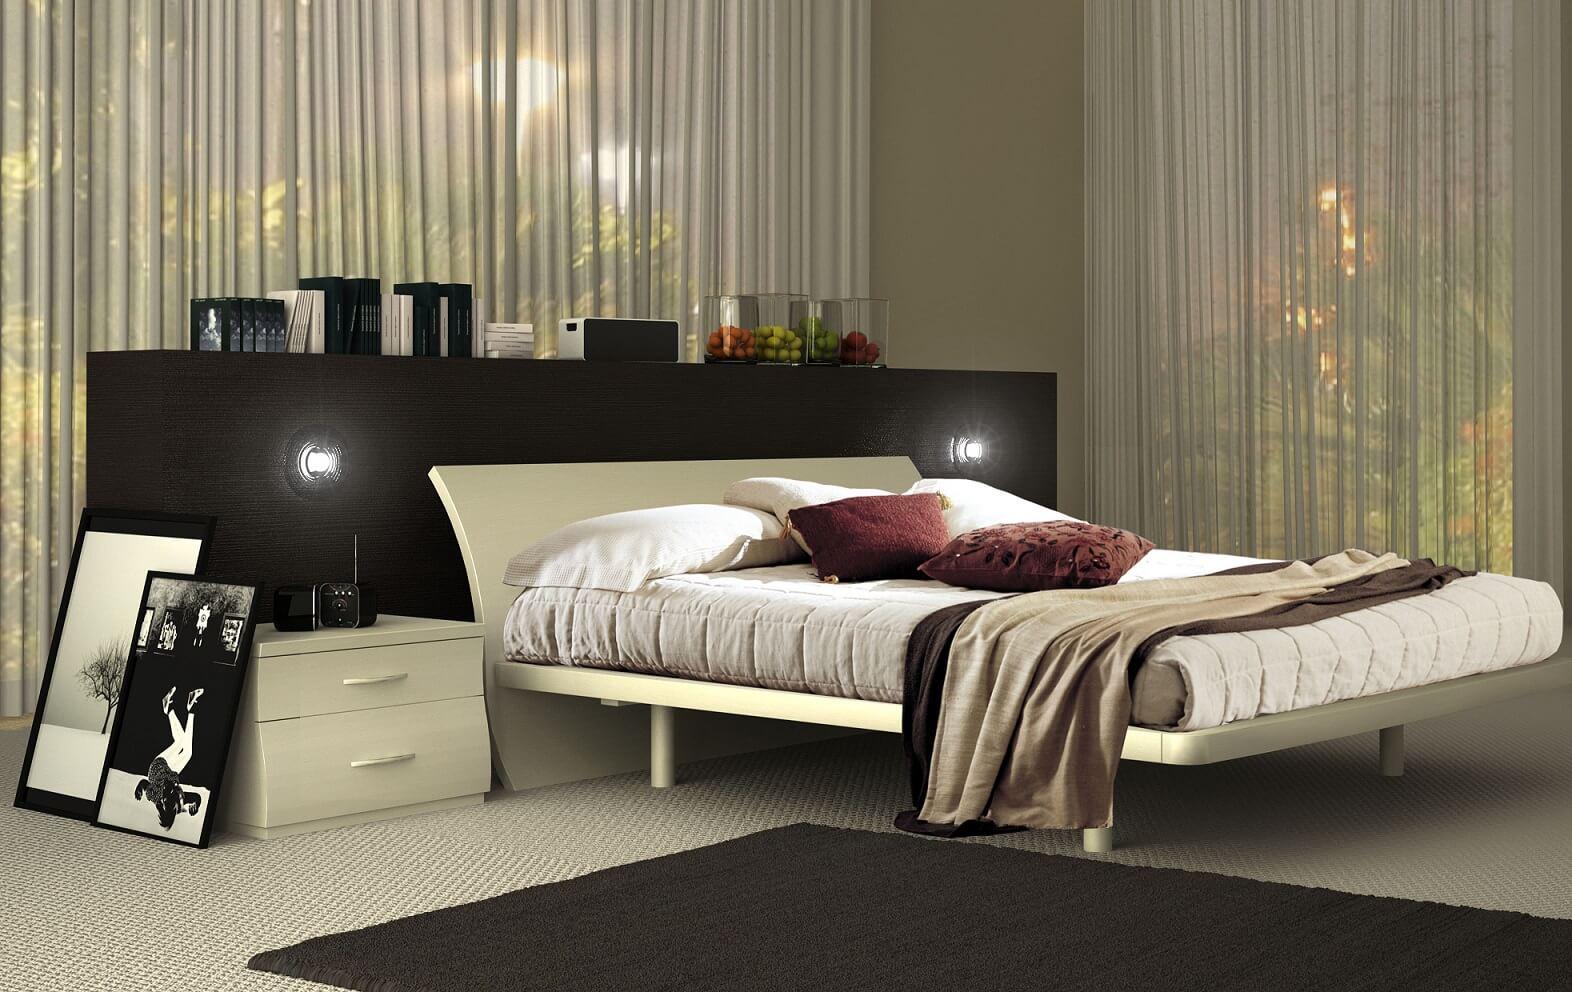 Slaapkamer Interieur Inspiratie : Sleeping room slaapkamer inspiratie cr interiors interieuradvies